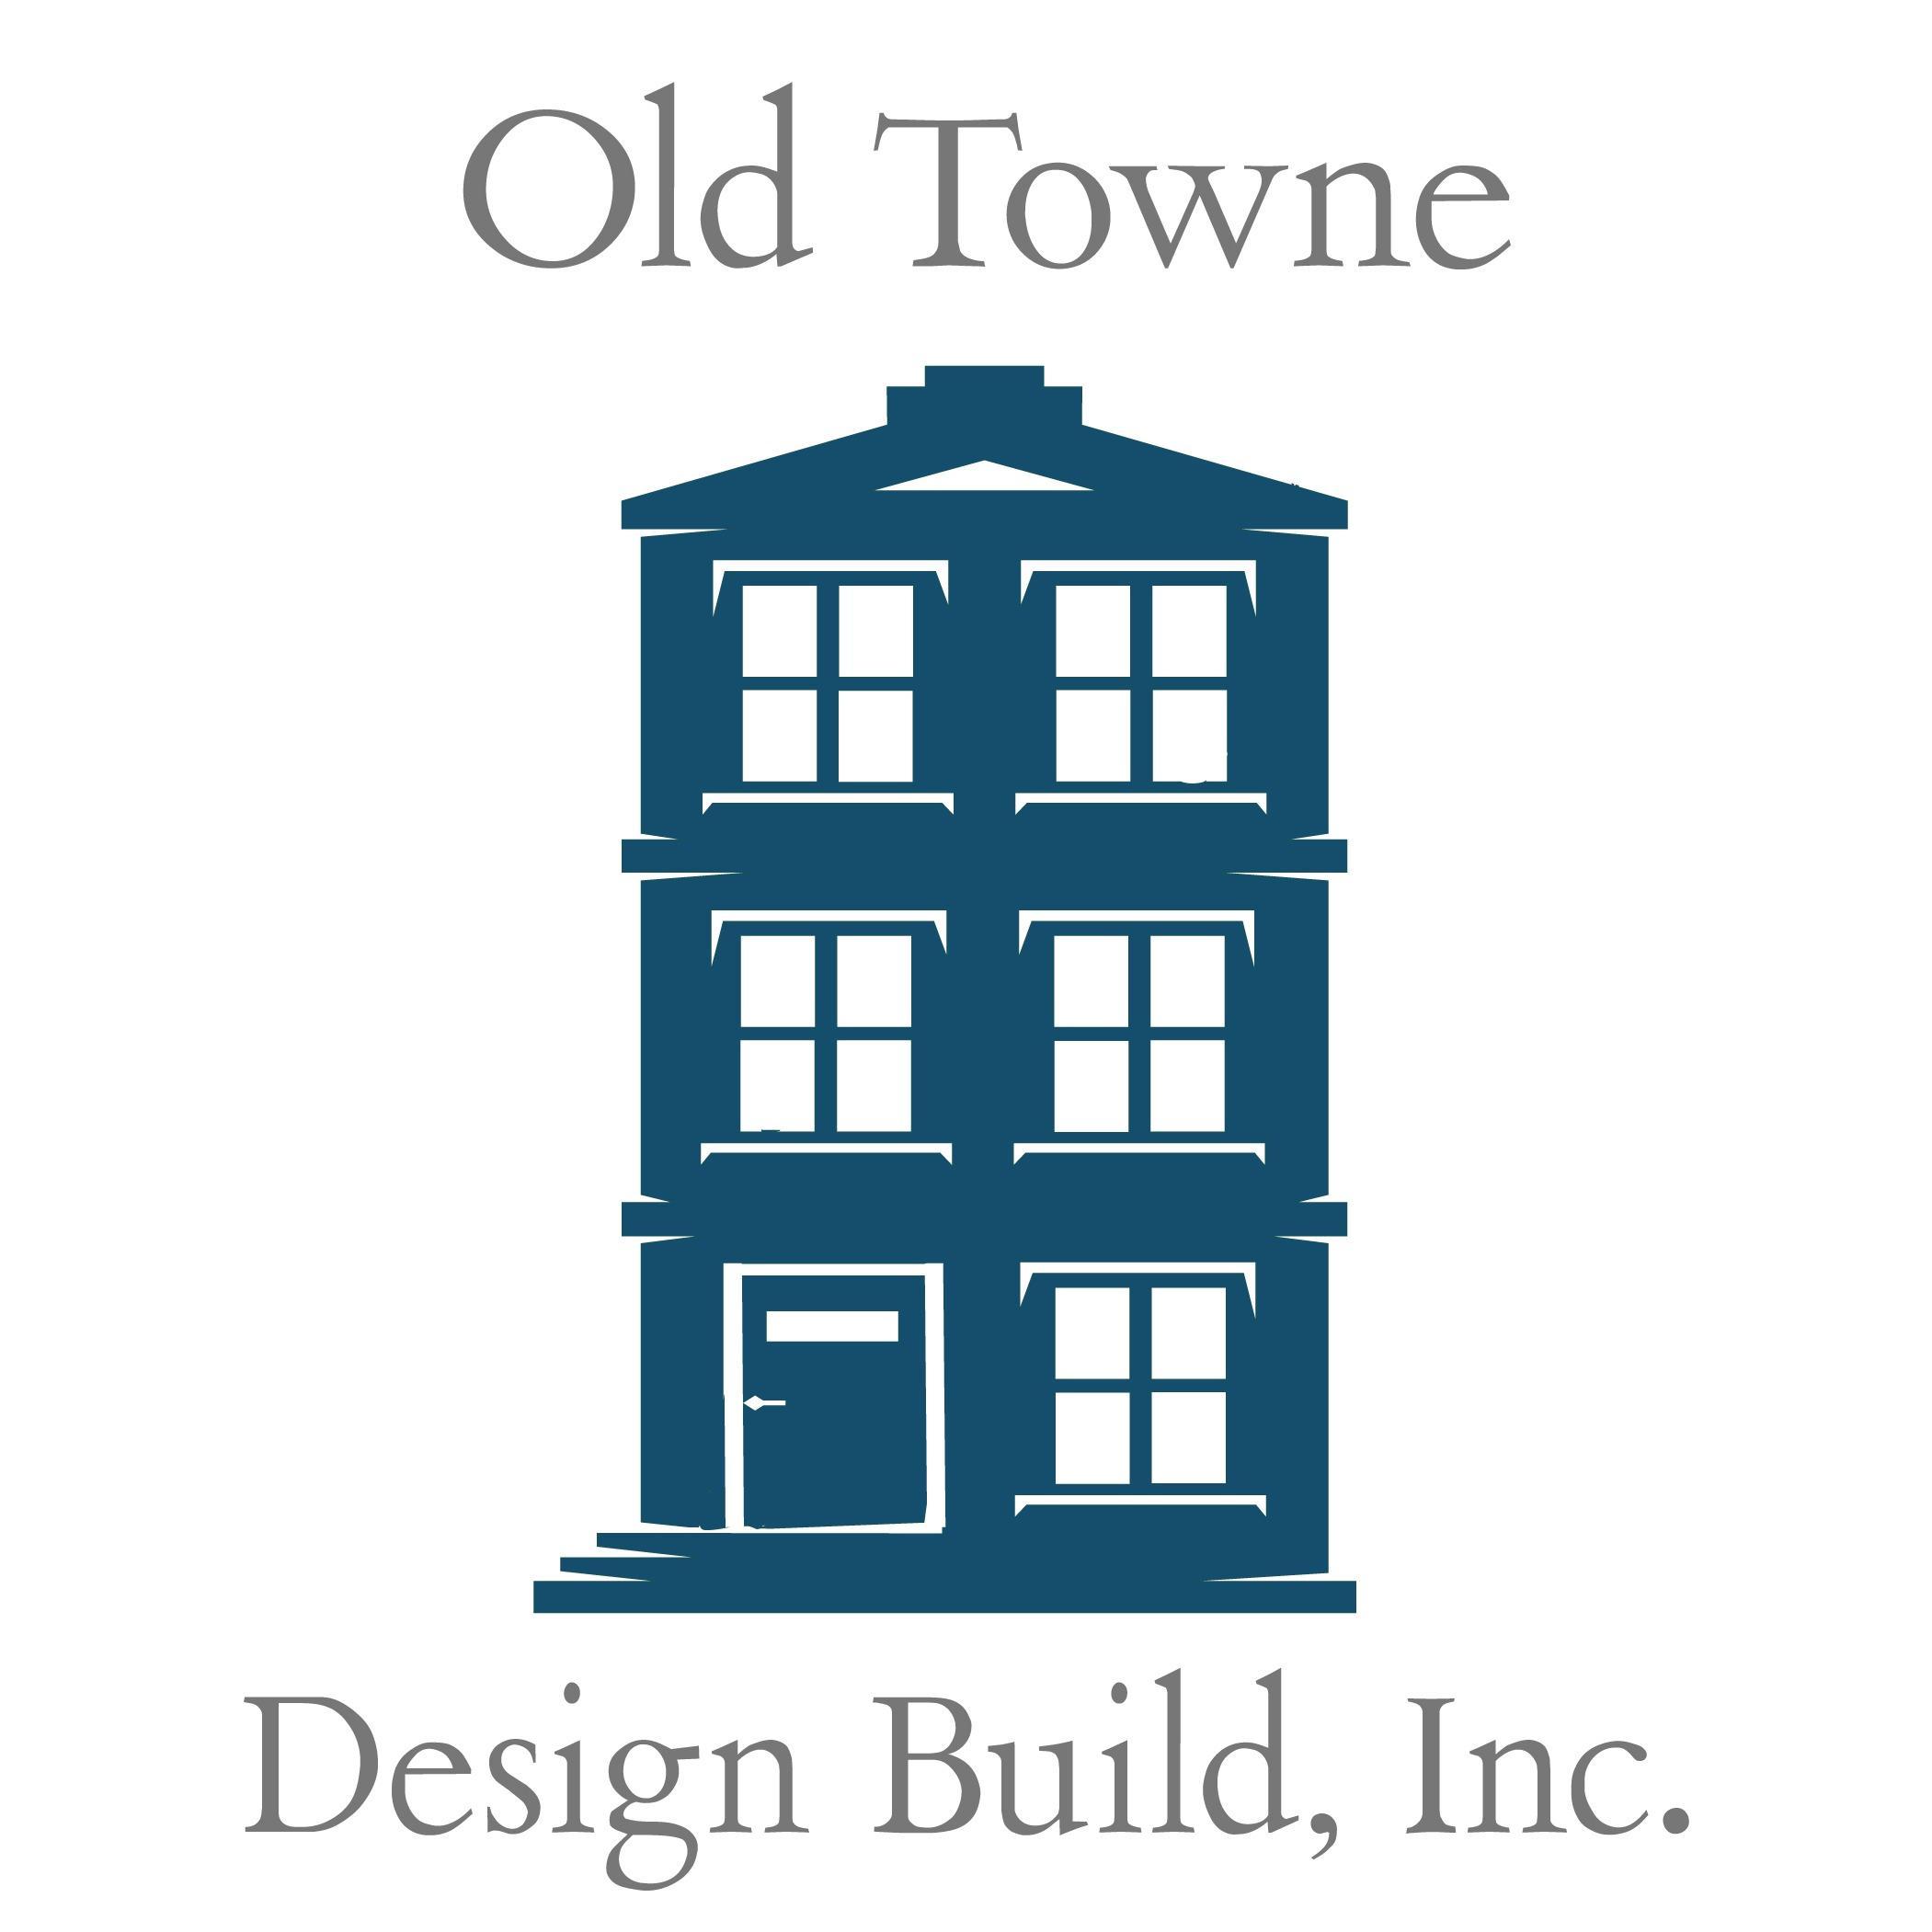 OLD TOWNE DESIGN BUILD, INC.